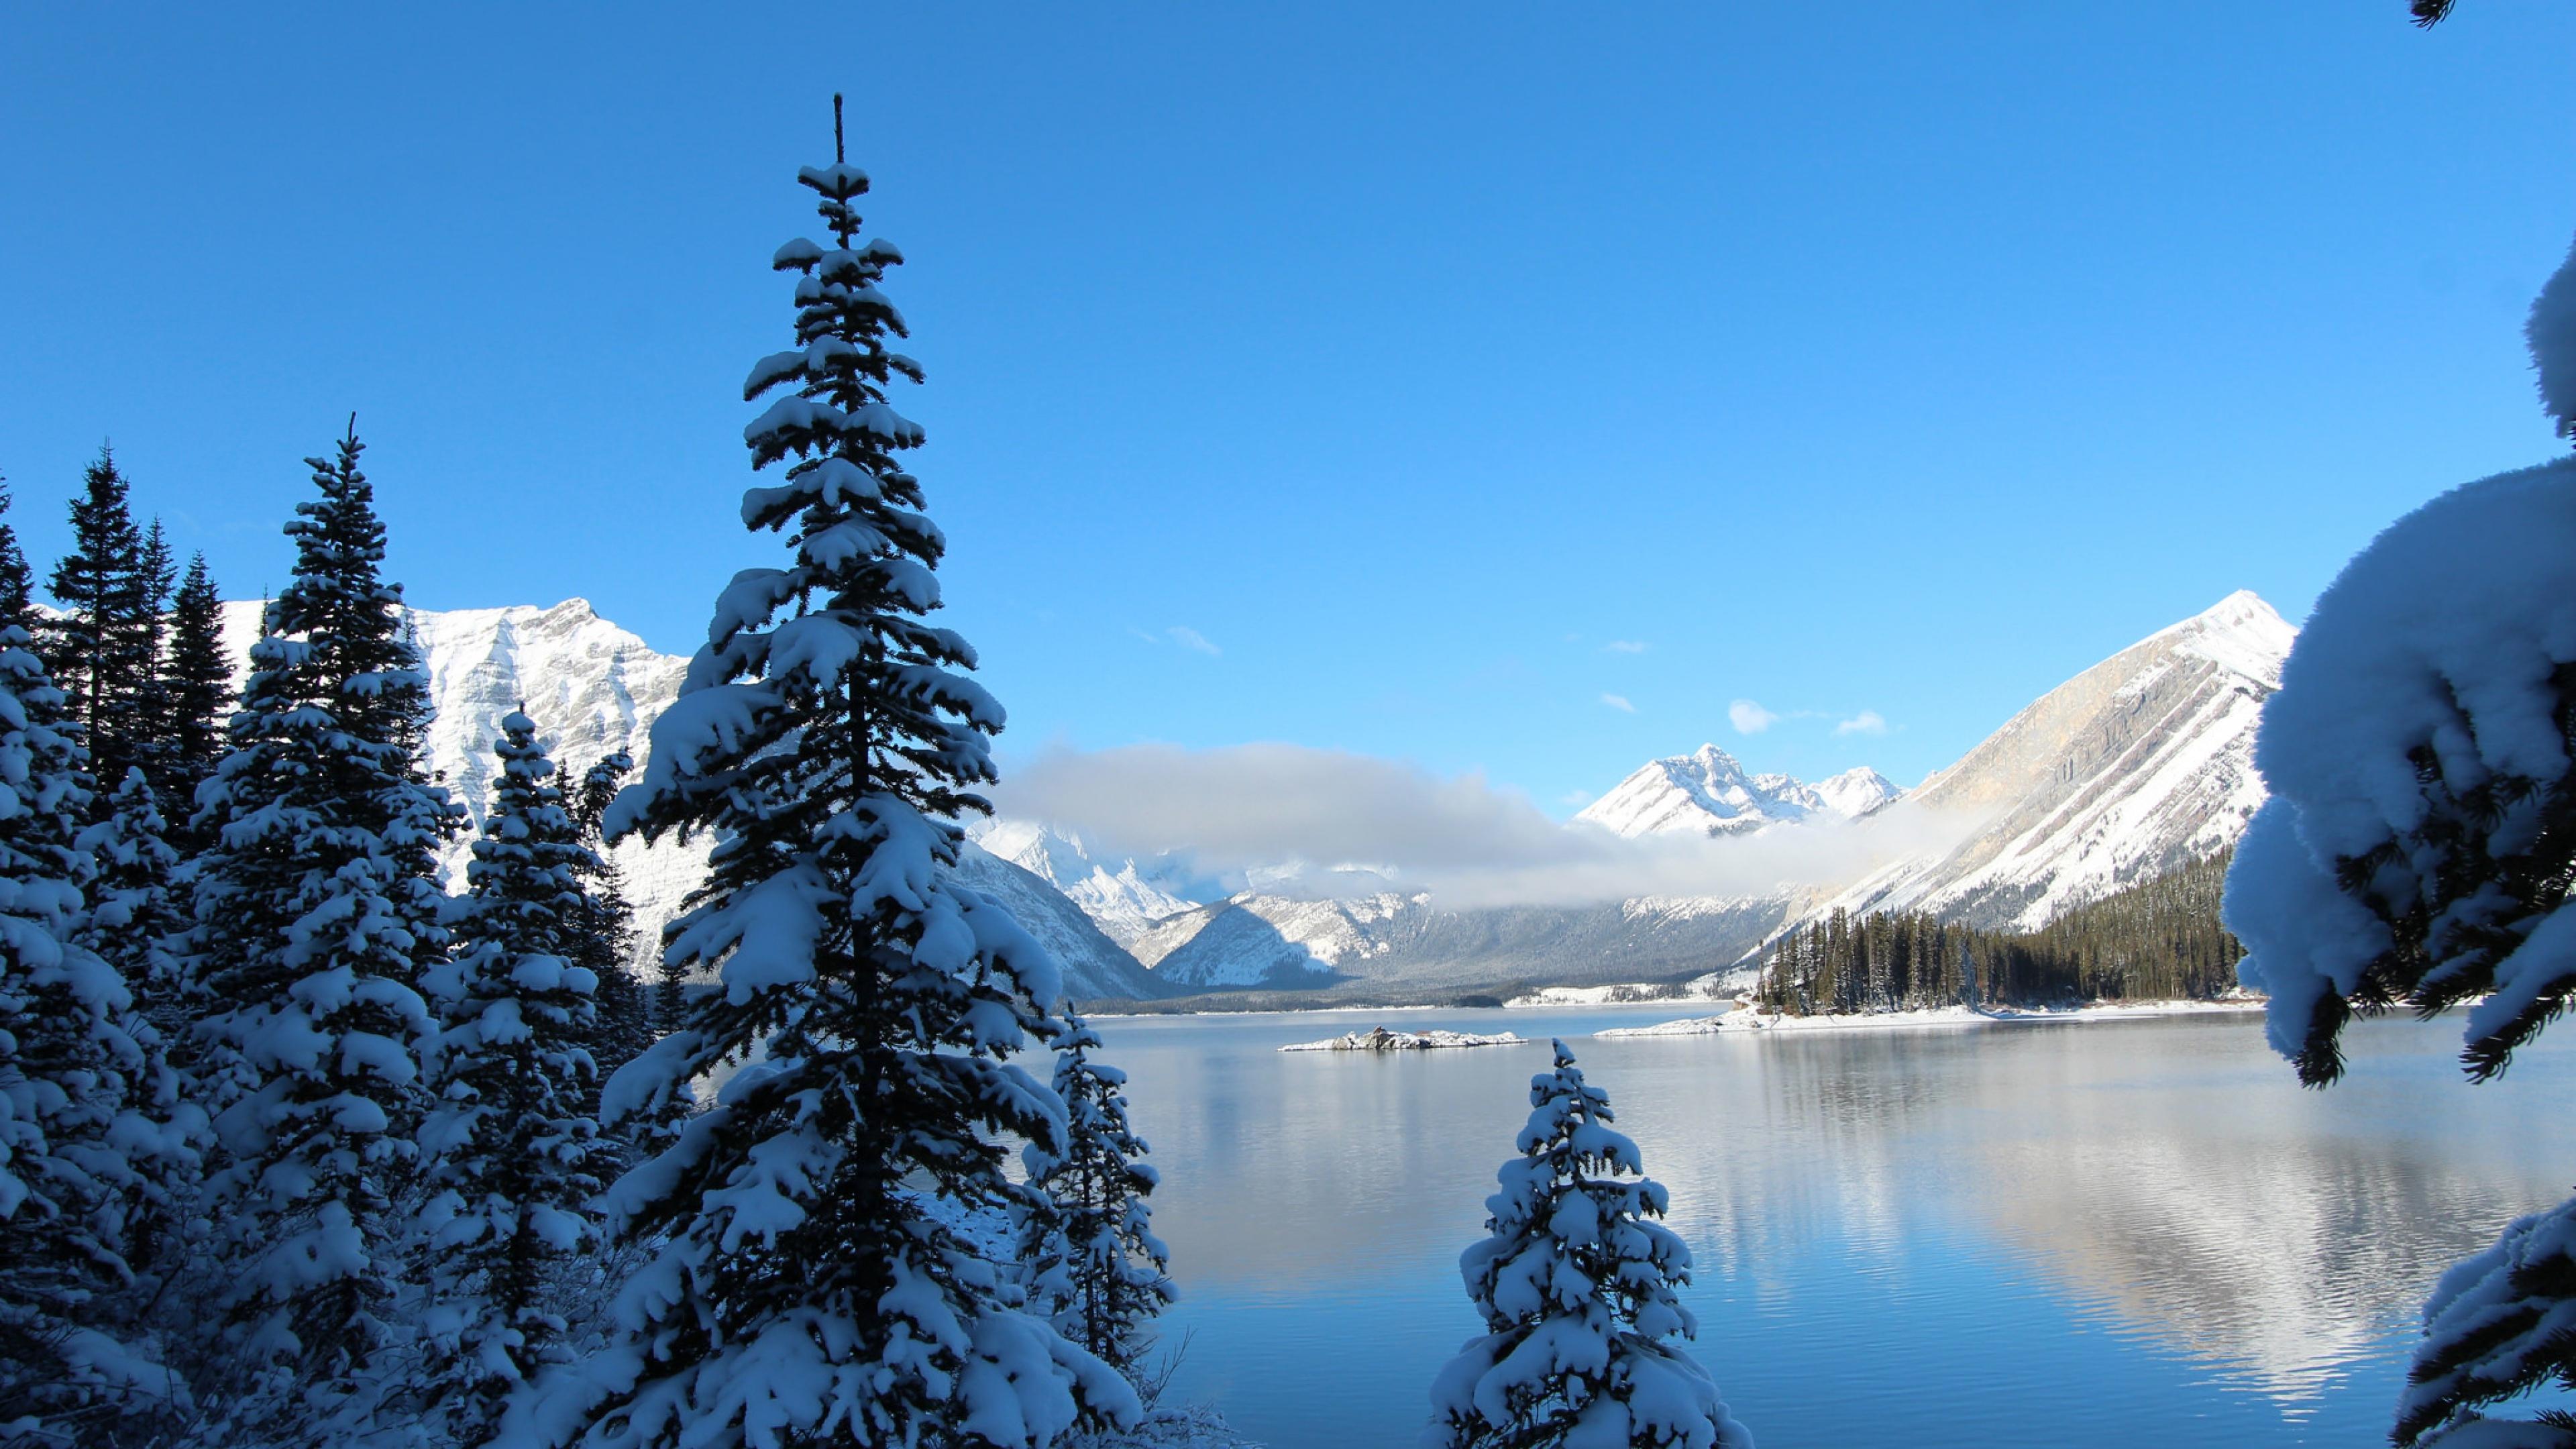 winter snow lake mountain - photo #9